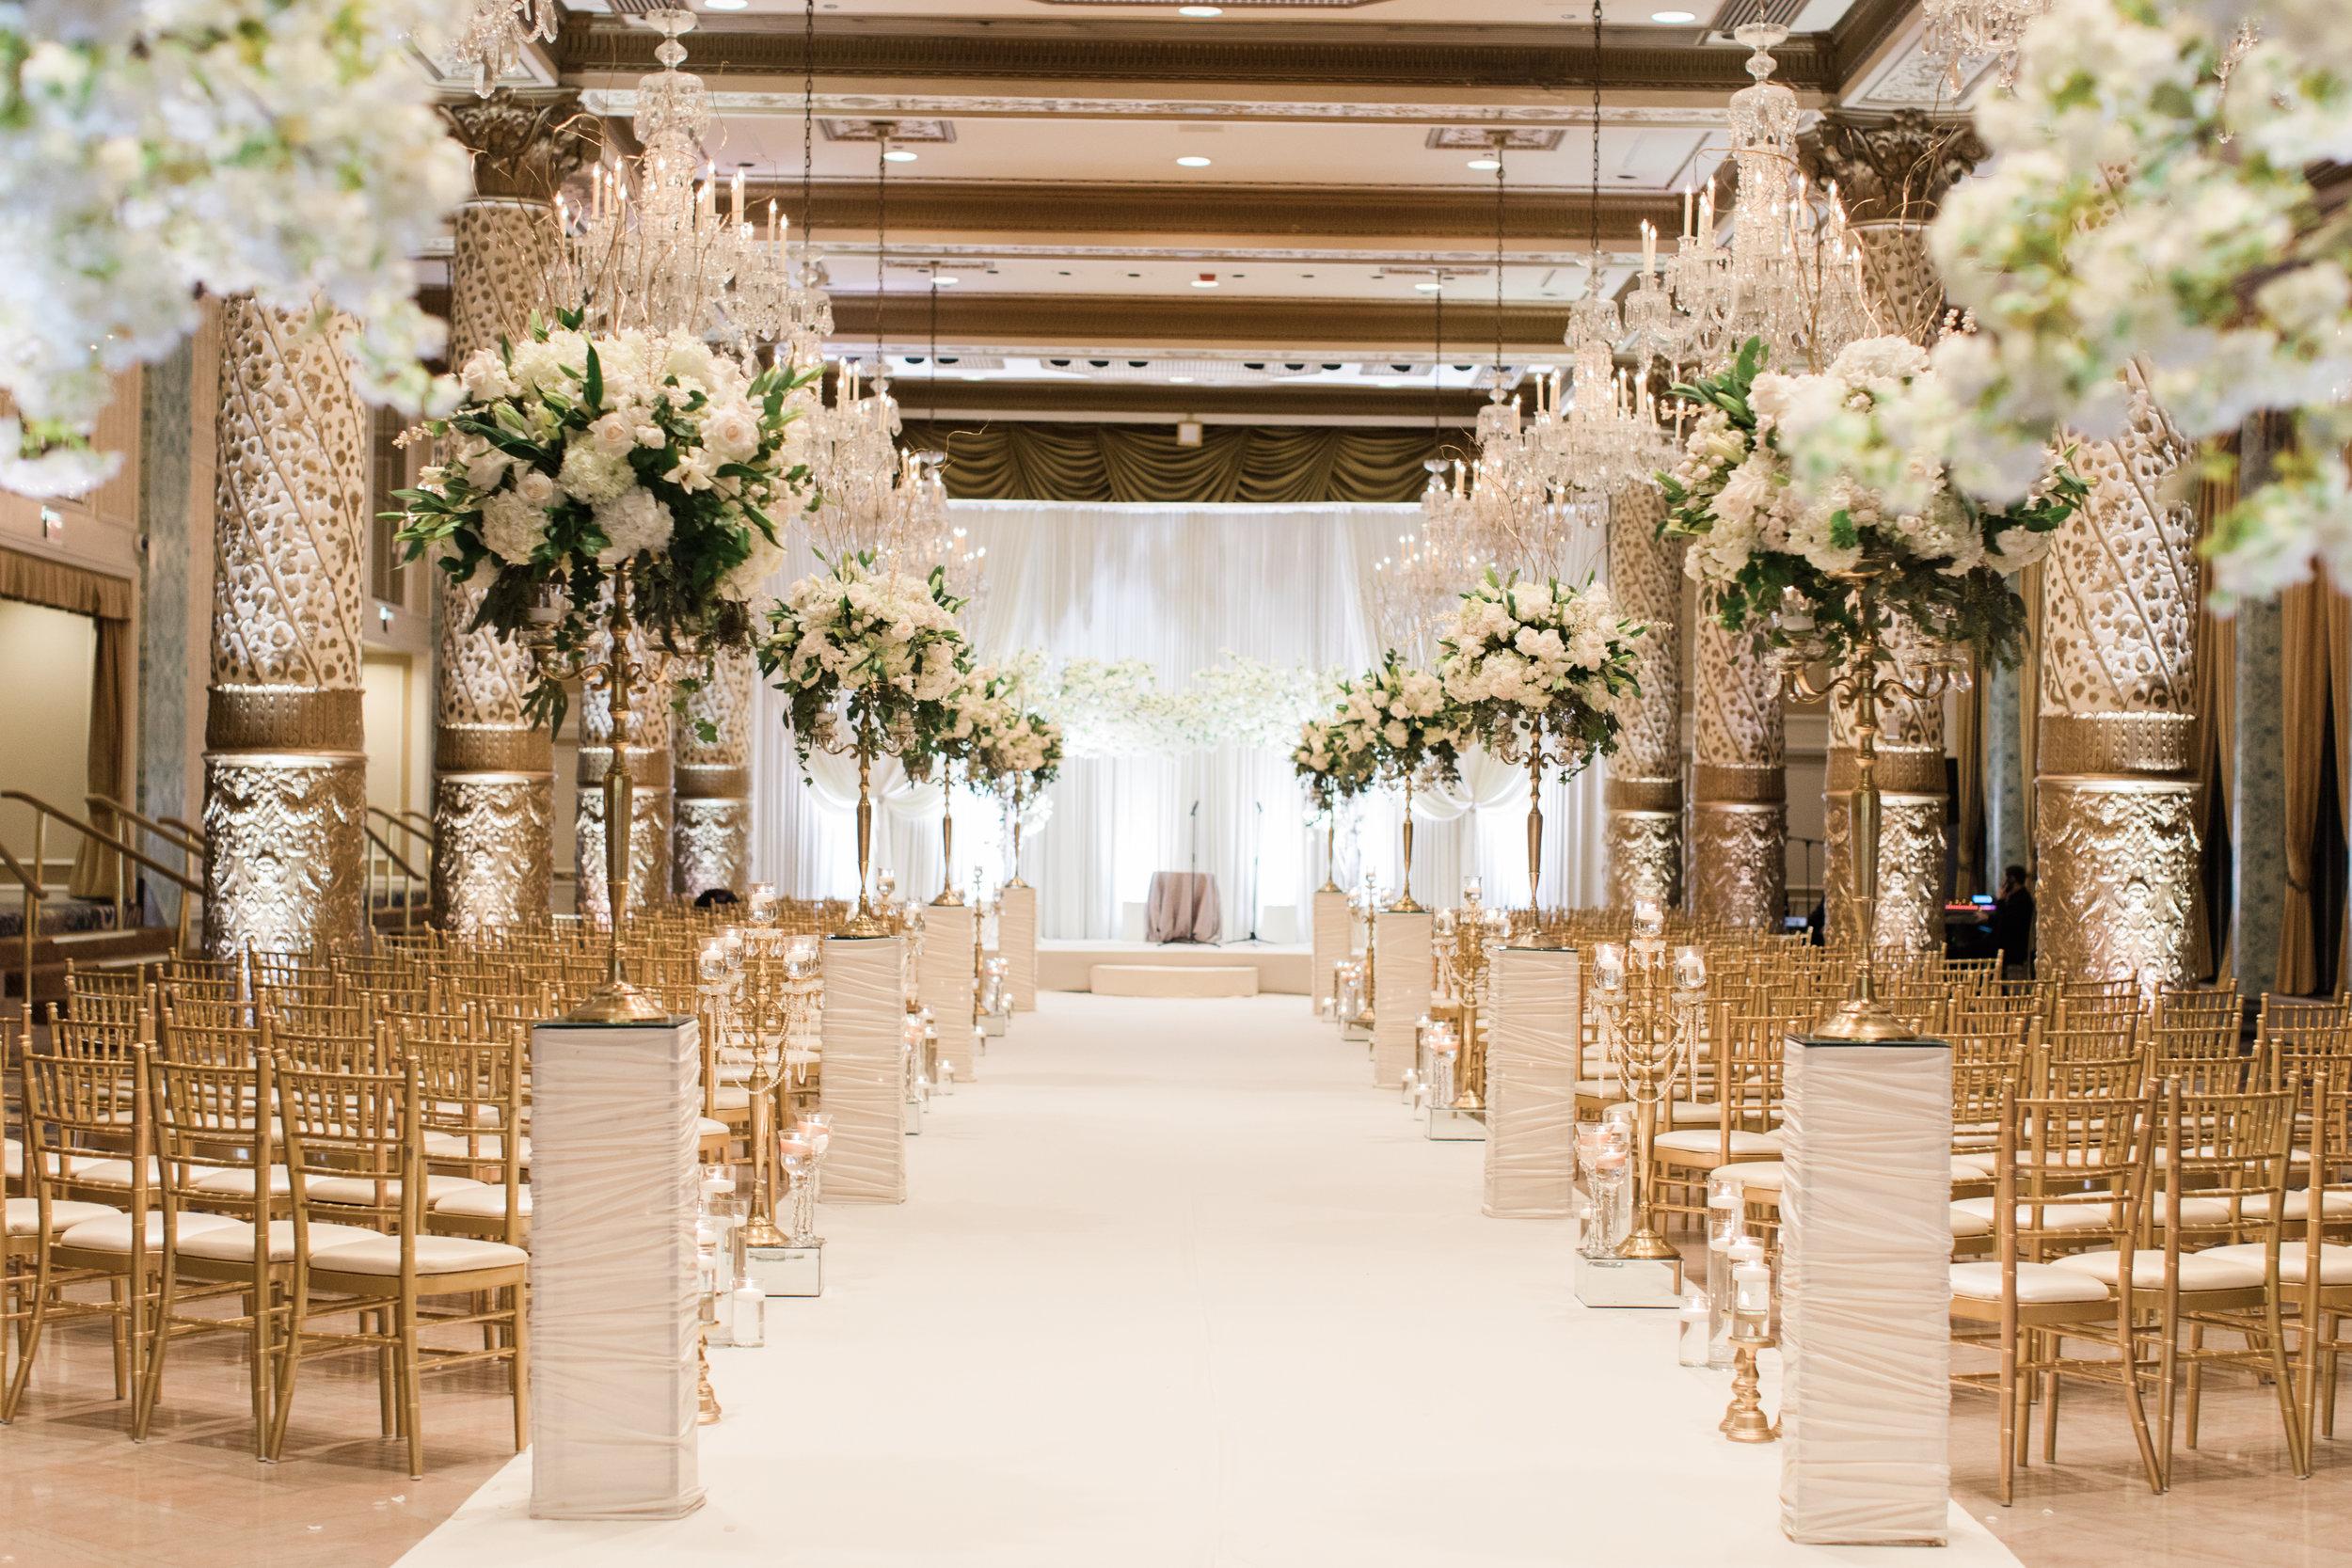 www.bonphotage.com Bonphotage Wedding Photography - Drake Hotel